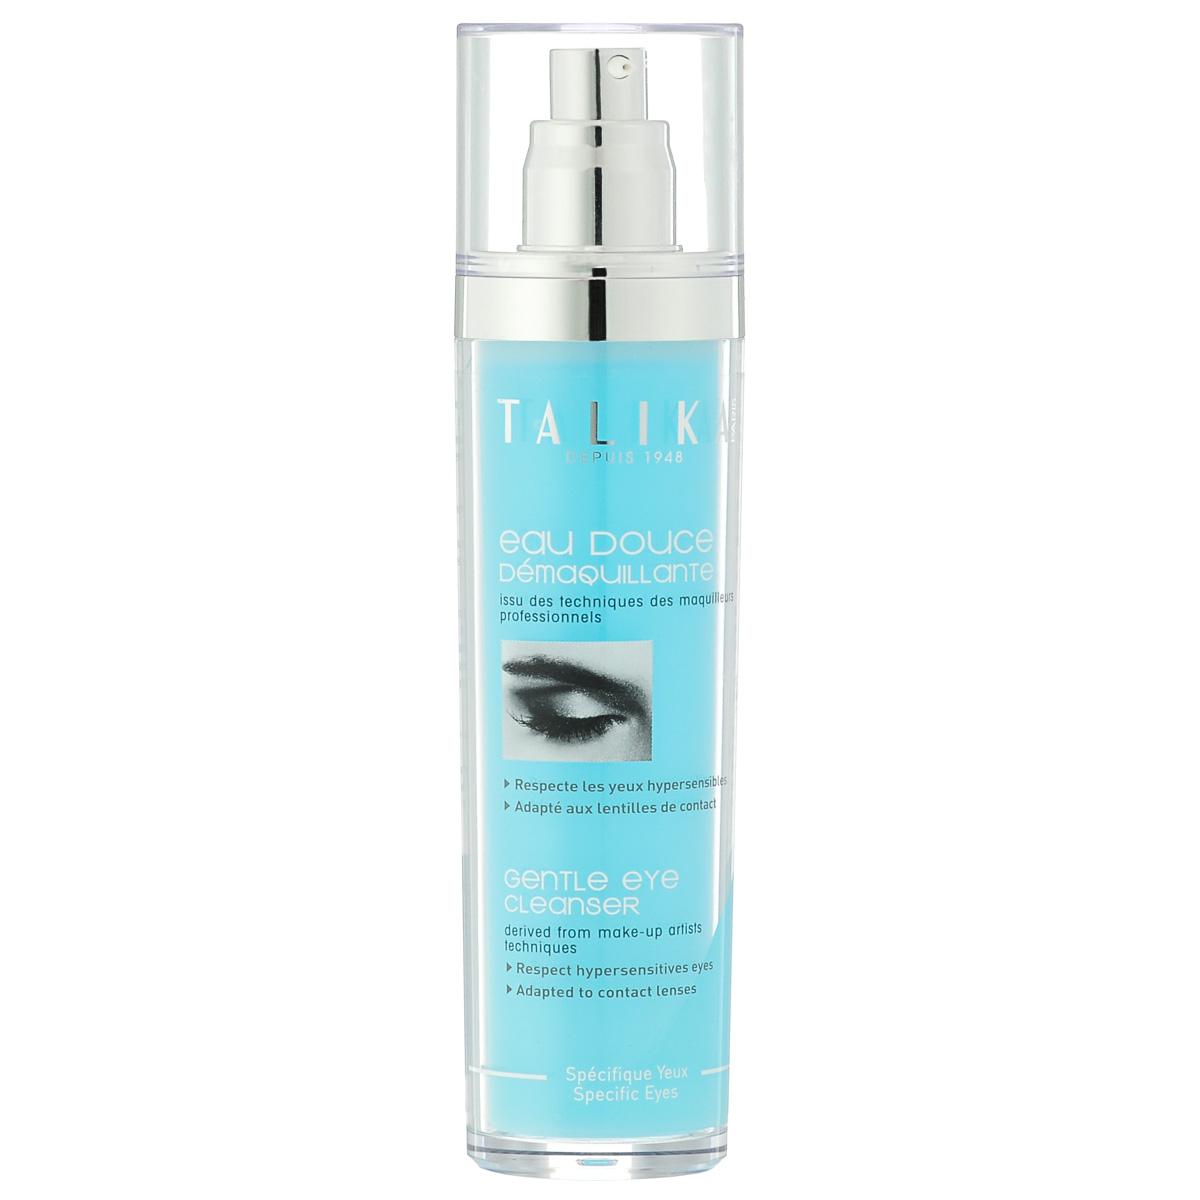 Talika Средство для снятия макияжа, для чувствительных глаз, 120 мл средство для снятия макияжа для чувствительных глаз 125 мл l oreal paris